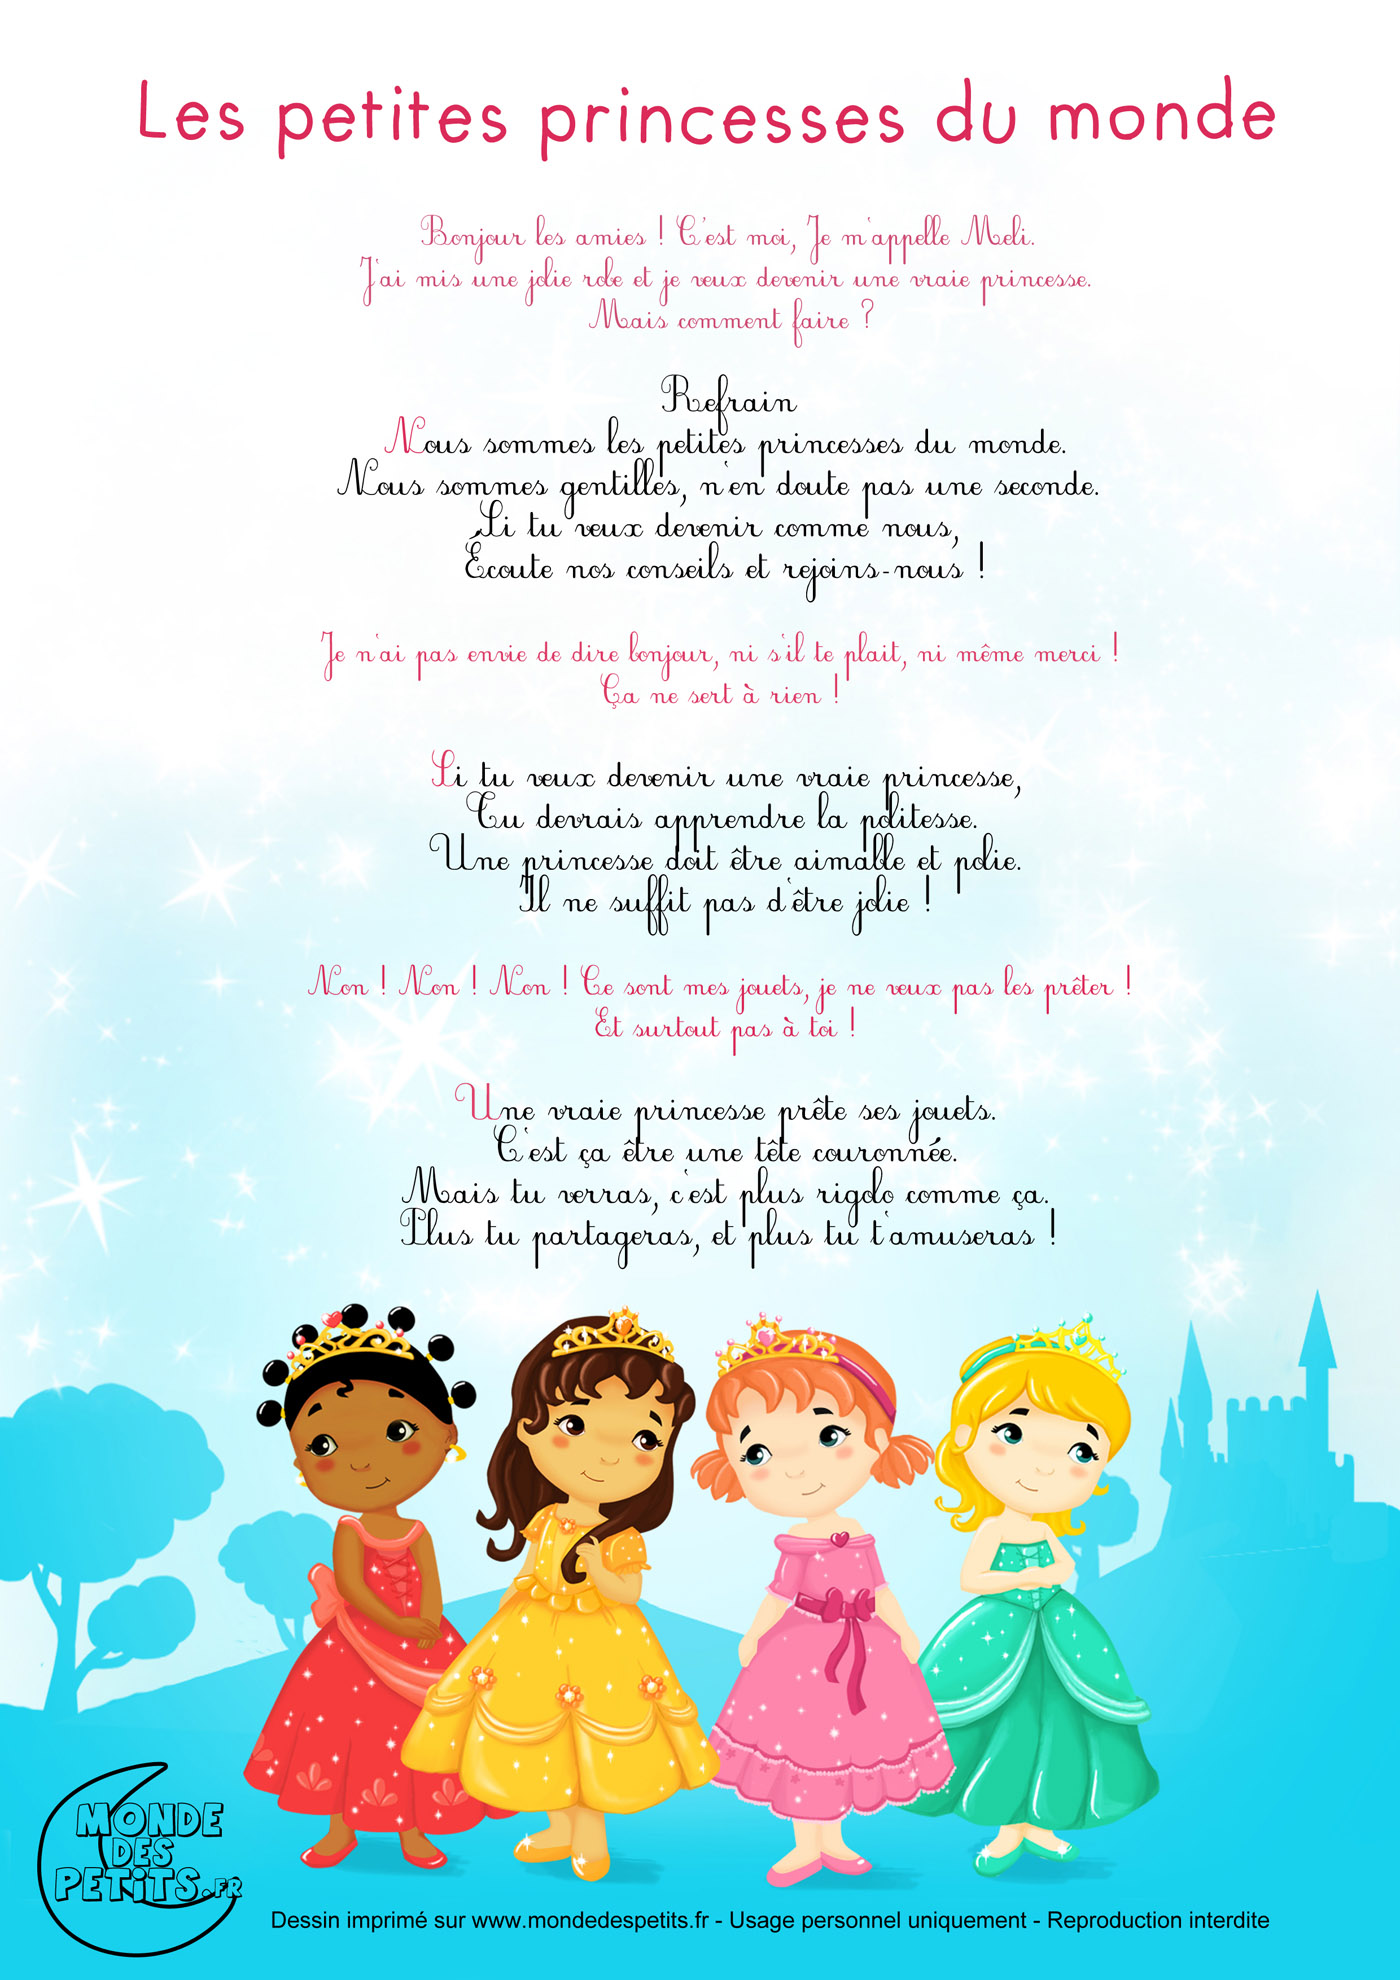 chanson, comptines, princesses, monde, enfant, petite,